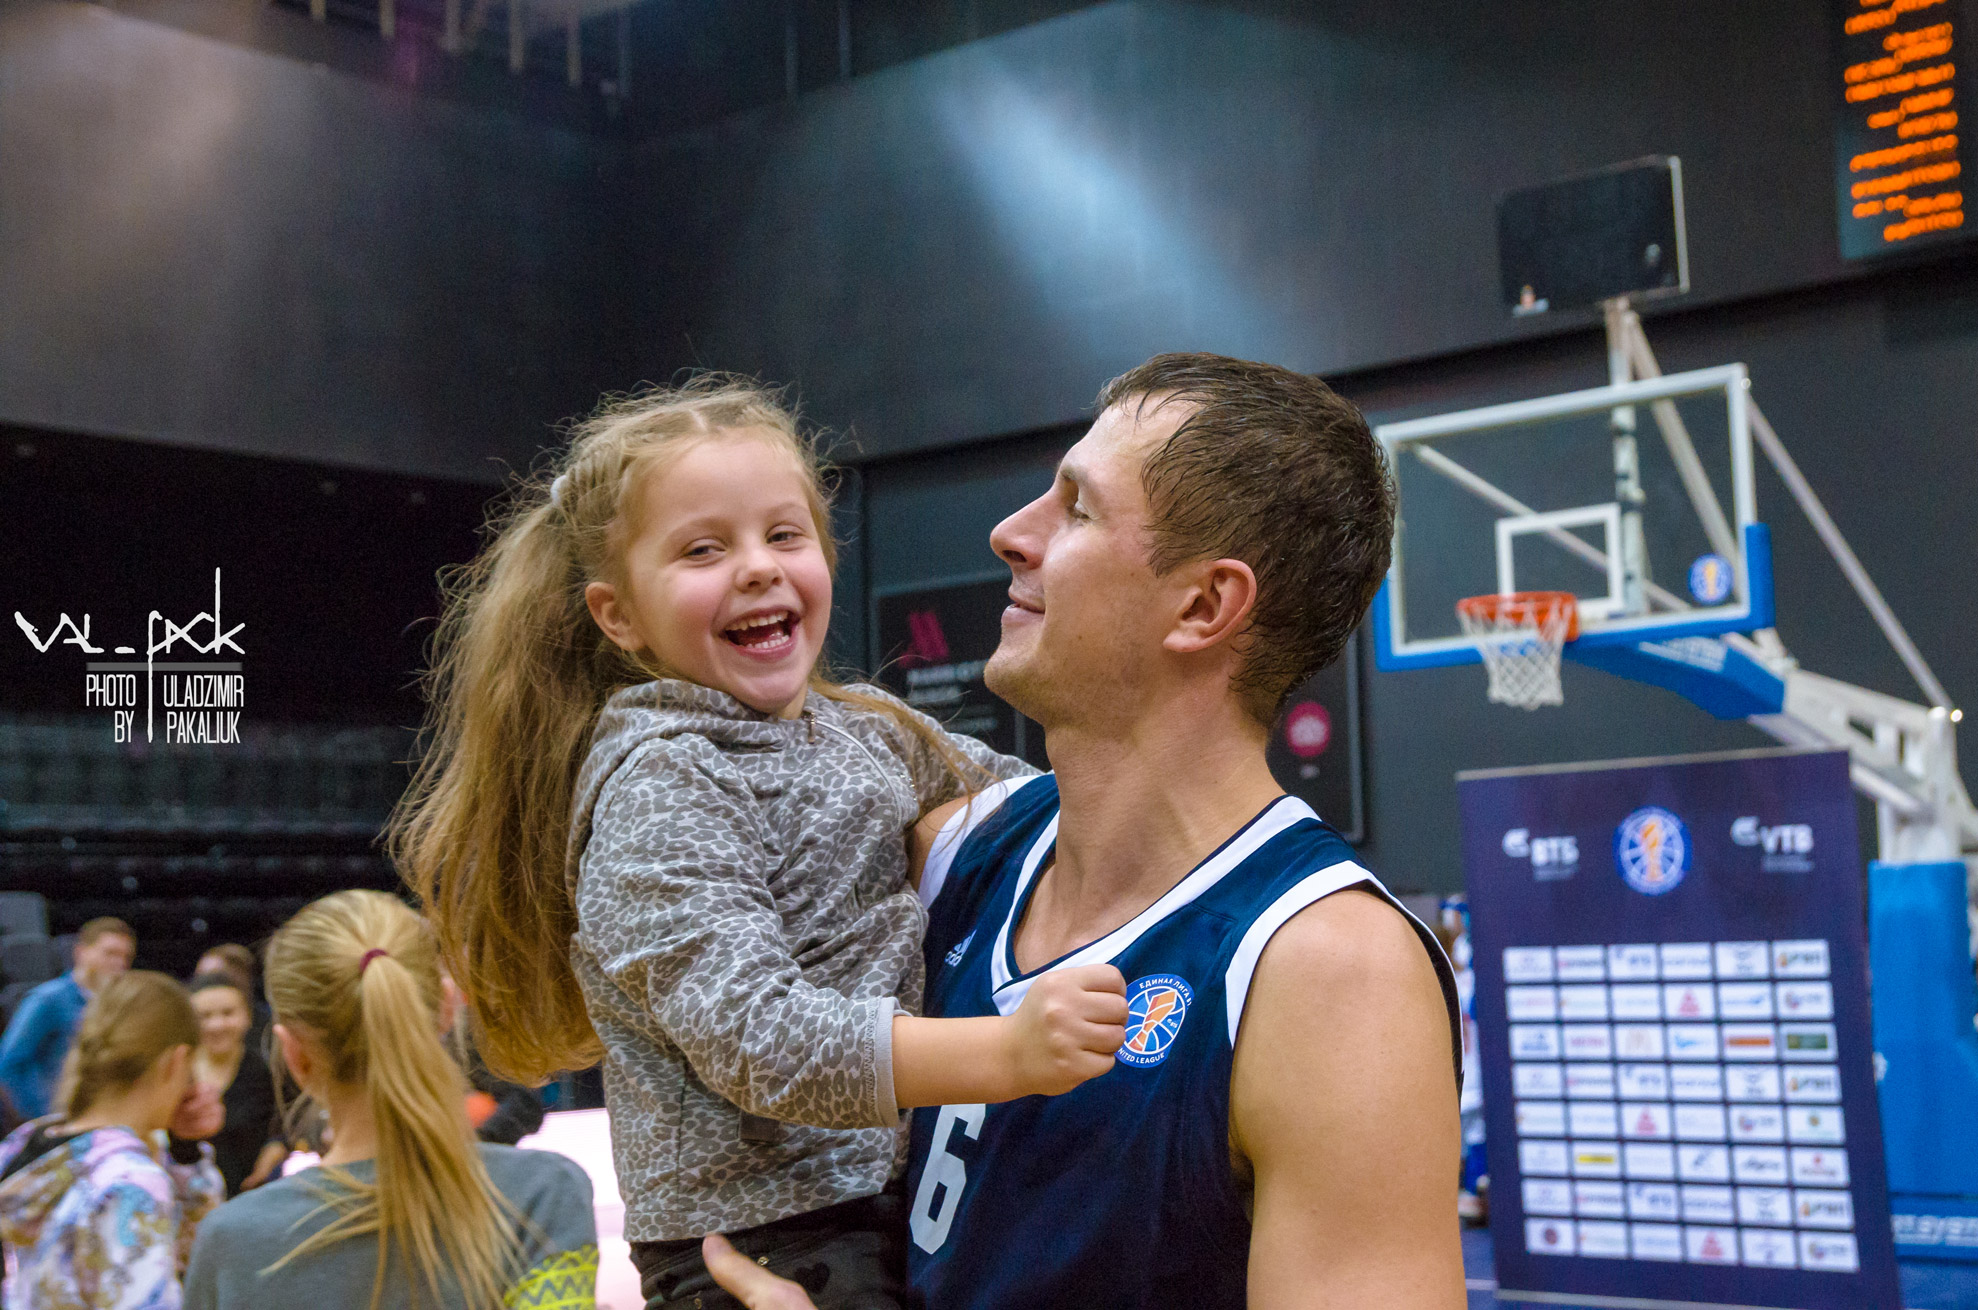 баскетболист и девочка